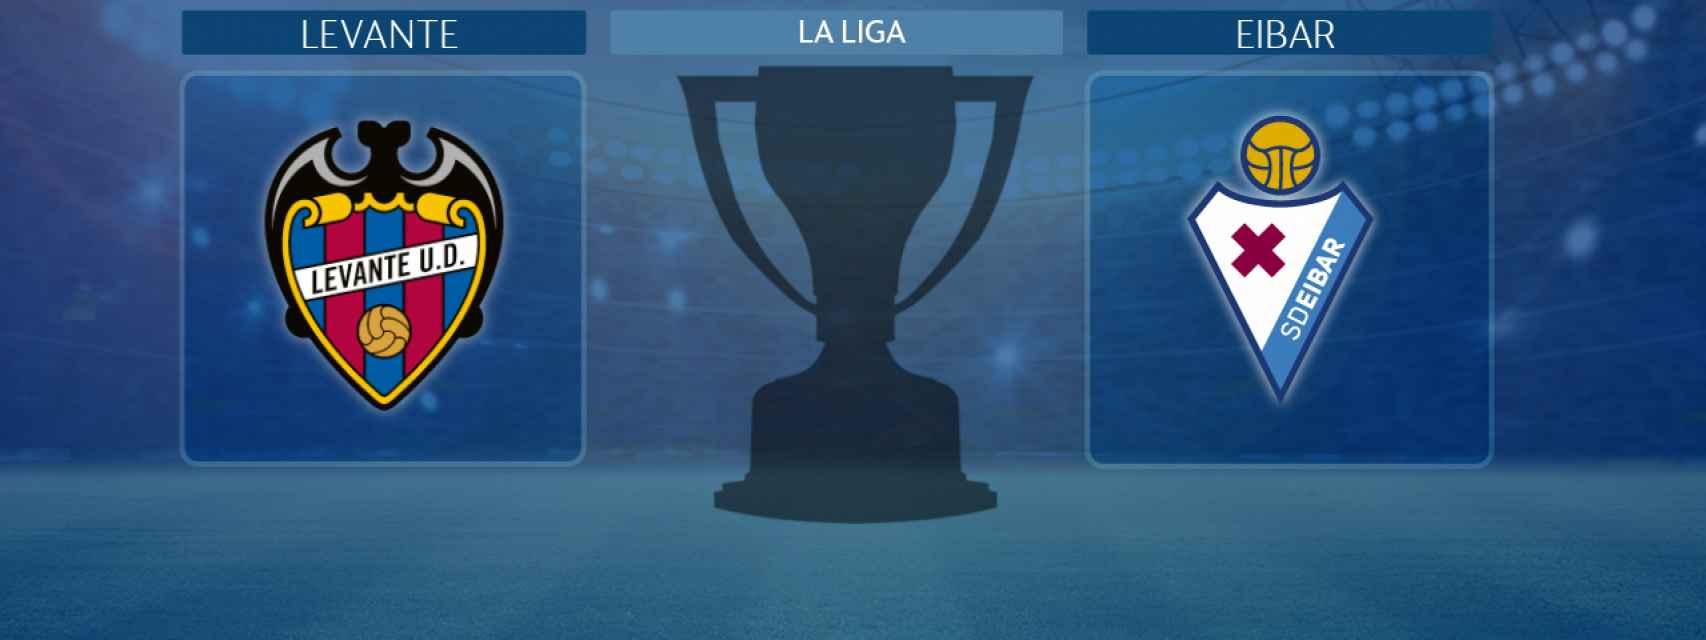 Levante - Eibar, partido de La Liga